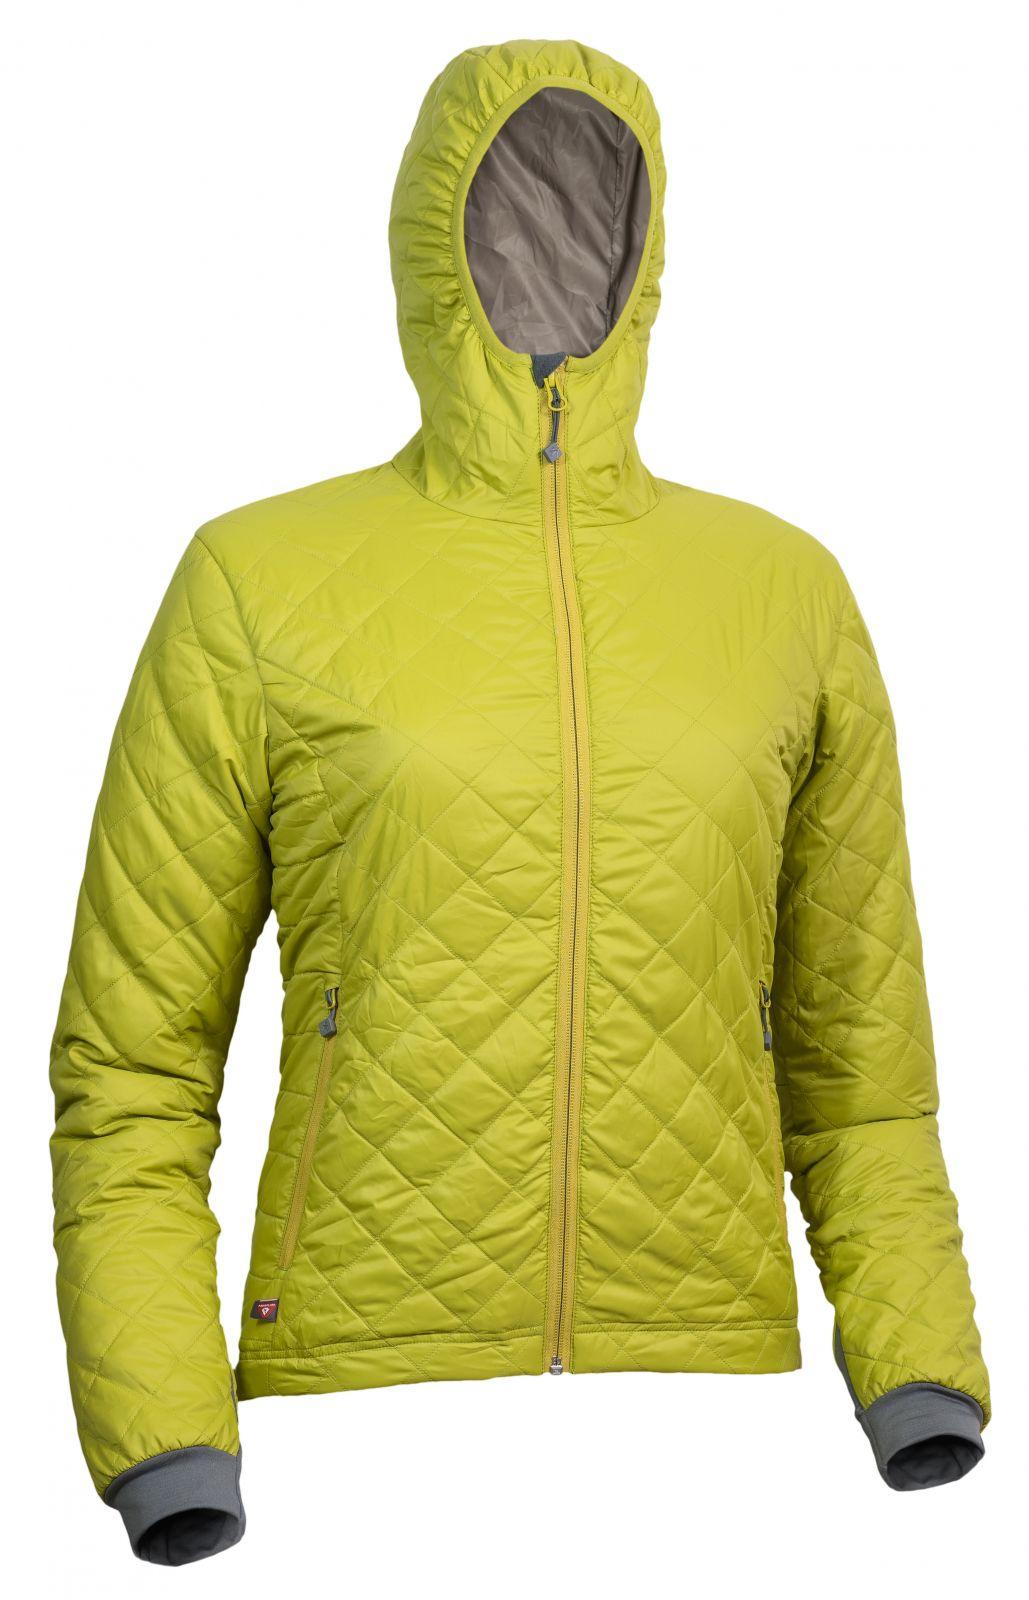 Warmpeace Astra Lady mustard / walnut dámská bunda zateplená PrimaLoftem - S